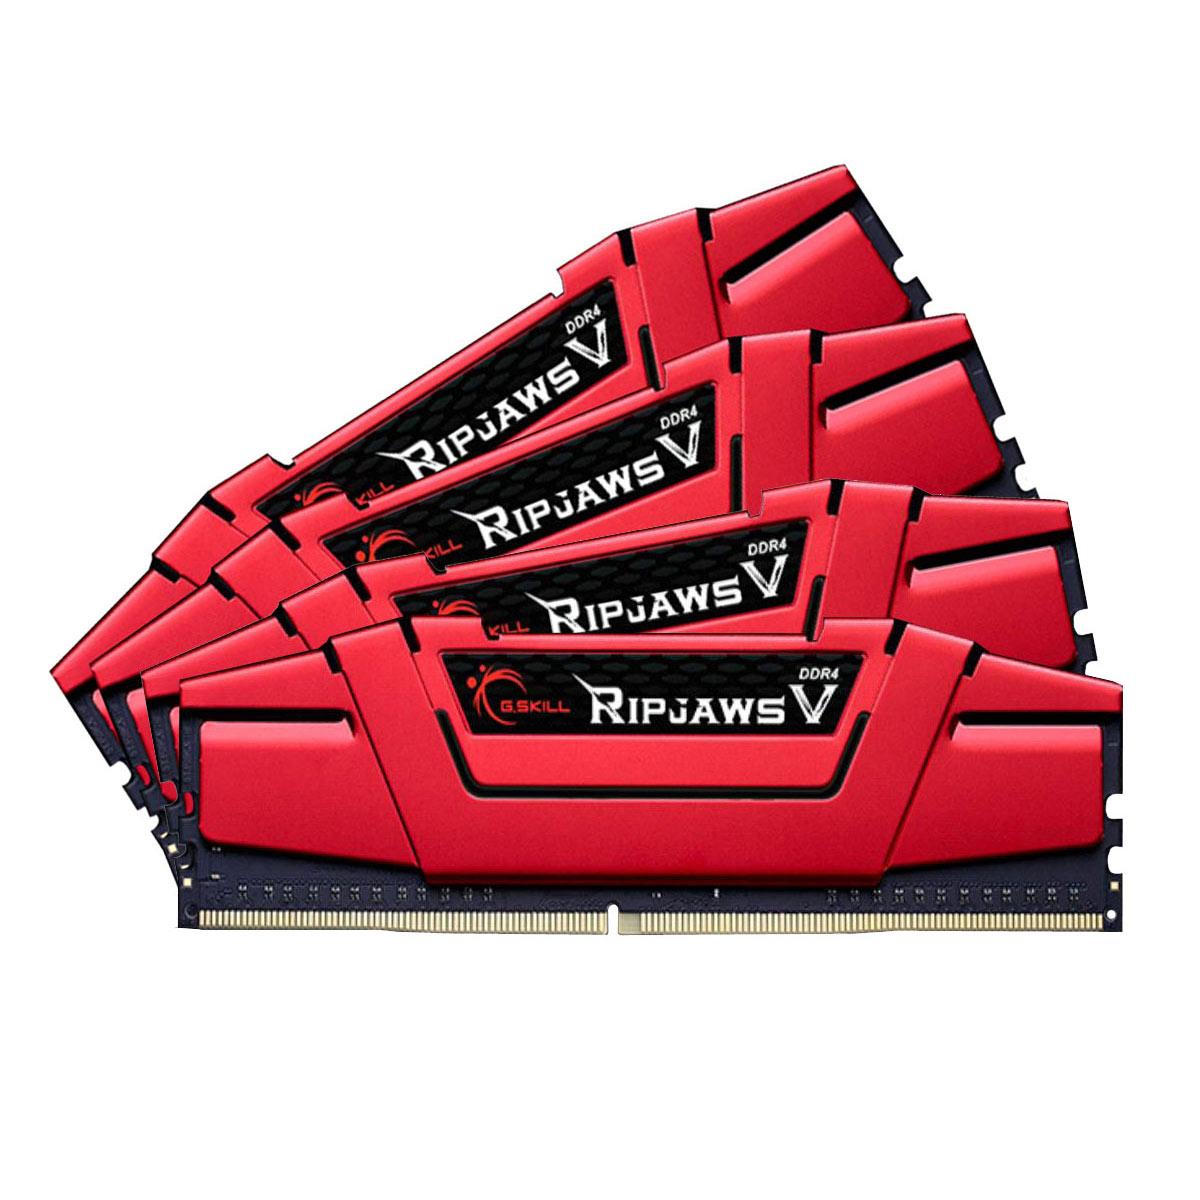 Mémoire PC G.Skill RipJaws 5 Series Rouge 16 Go (4x 4 Go) DDR4 2800 MHz CL15 Kit Quad Channel 4 barrettes de RAM DDR4 PC4-22400 - F4-2800C15Q-16GVRB (garantie 10 ans par G.Skill)